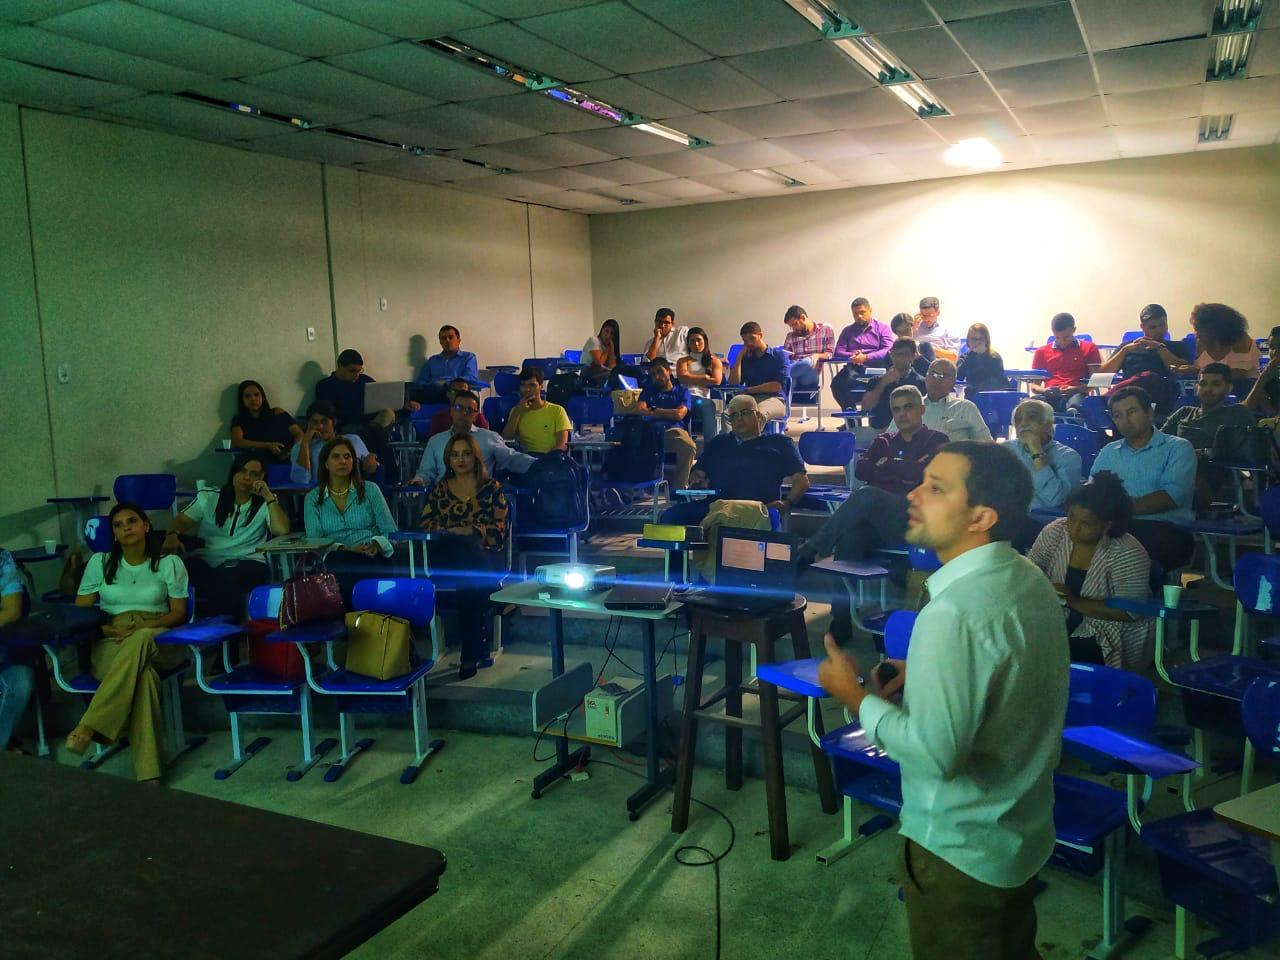 Semana Universitária 2019 - I Encontro de cirurgia e traumatologia Buco-Maxilo-Facial do HUOC - FOP/HUOC